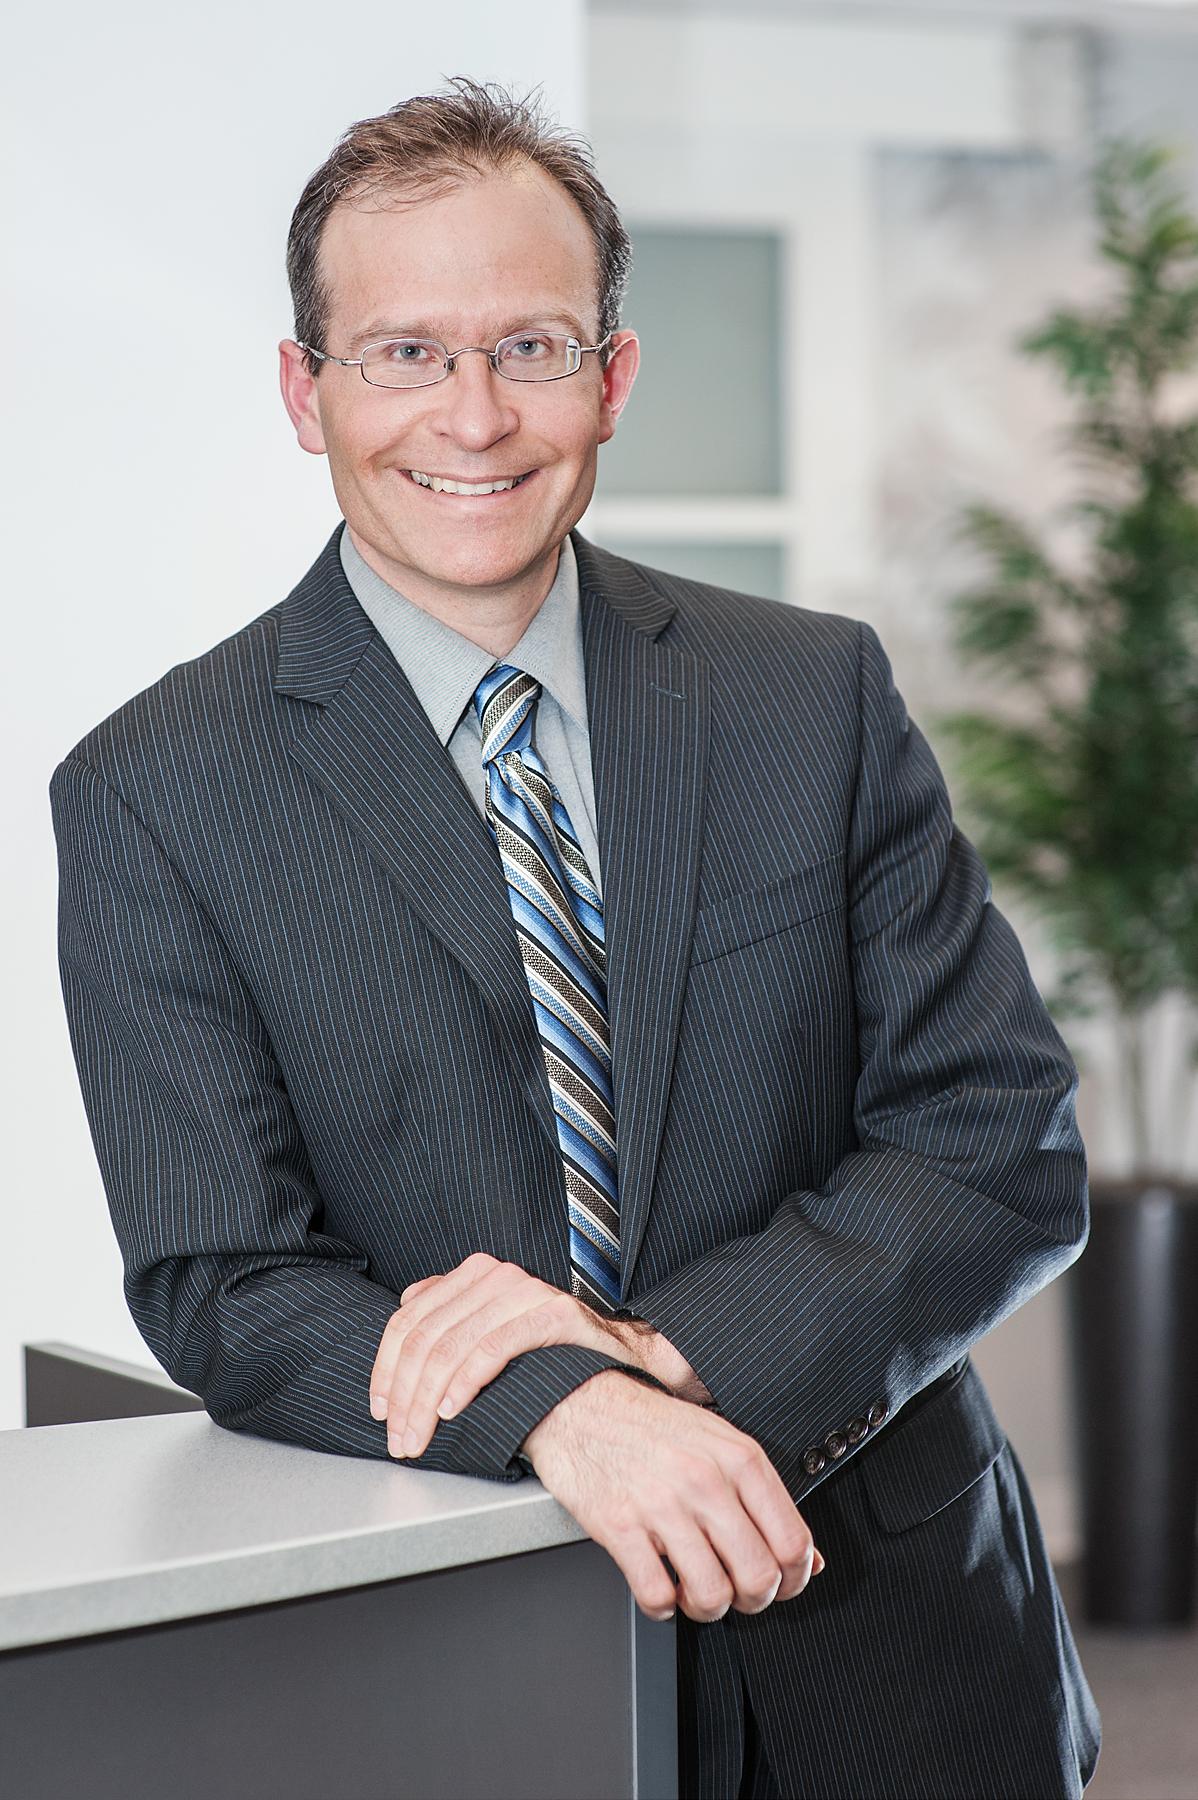 2013 Corporate Portrait, Joad Clement